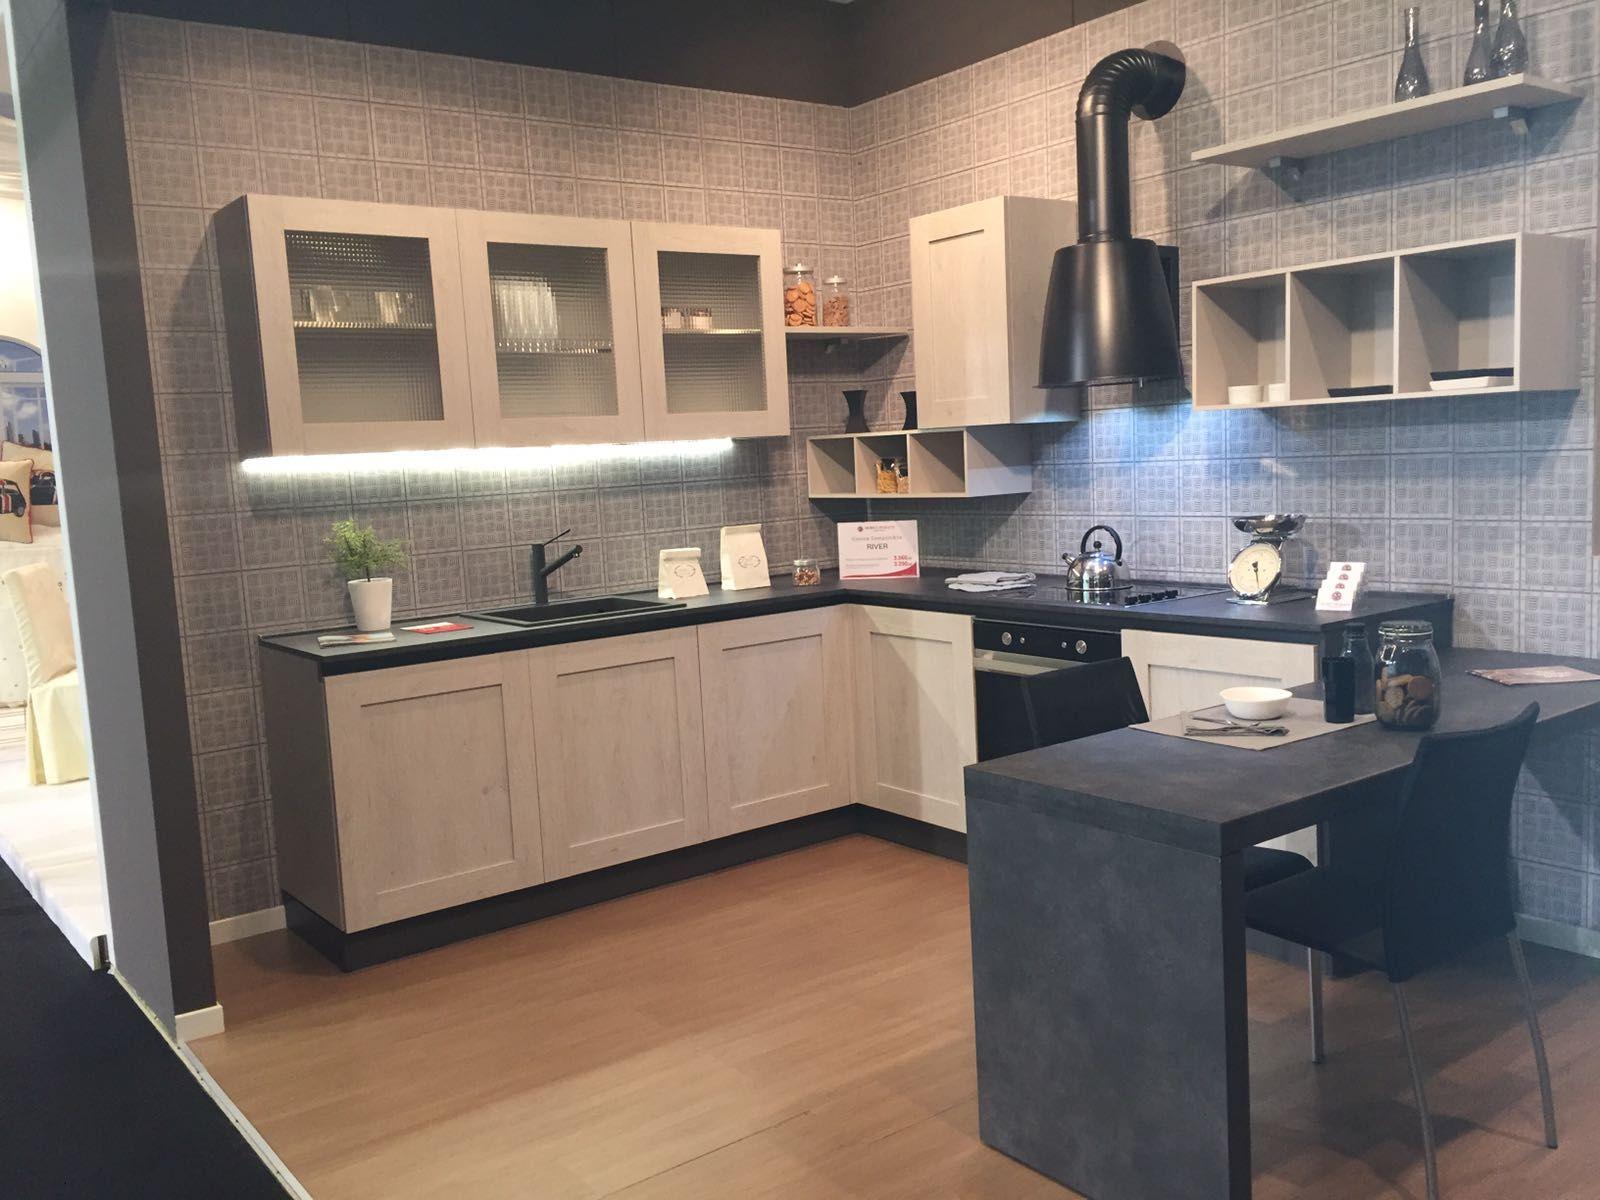 Cucina Moderna Bianca Mobilturi Cucine Lineare Luna In Offerta Nel